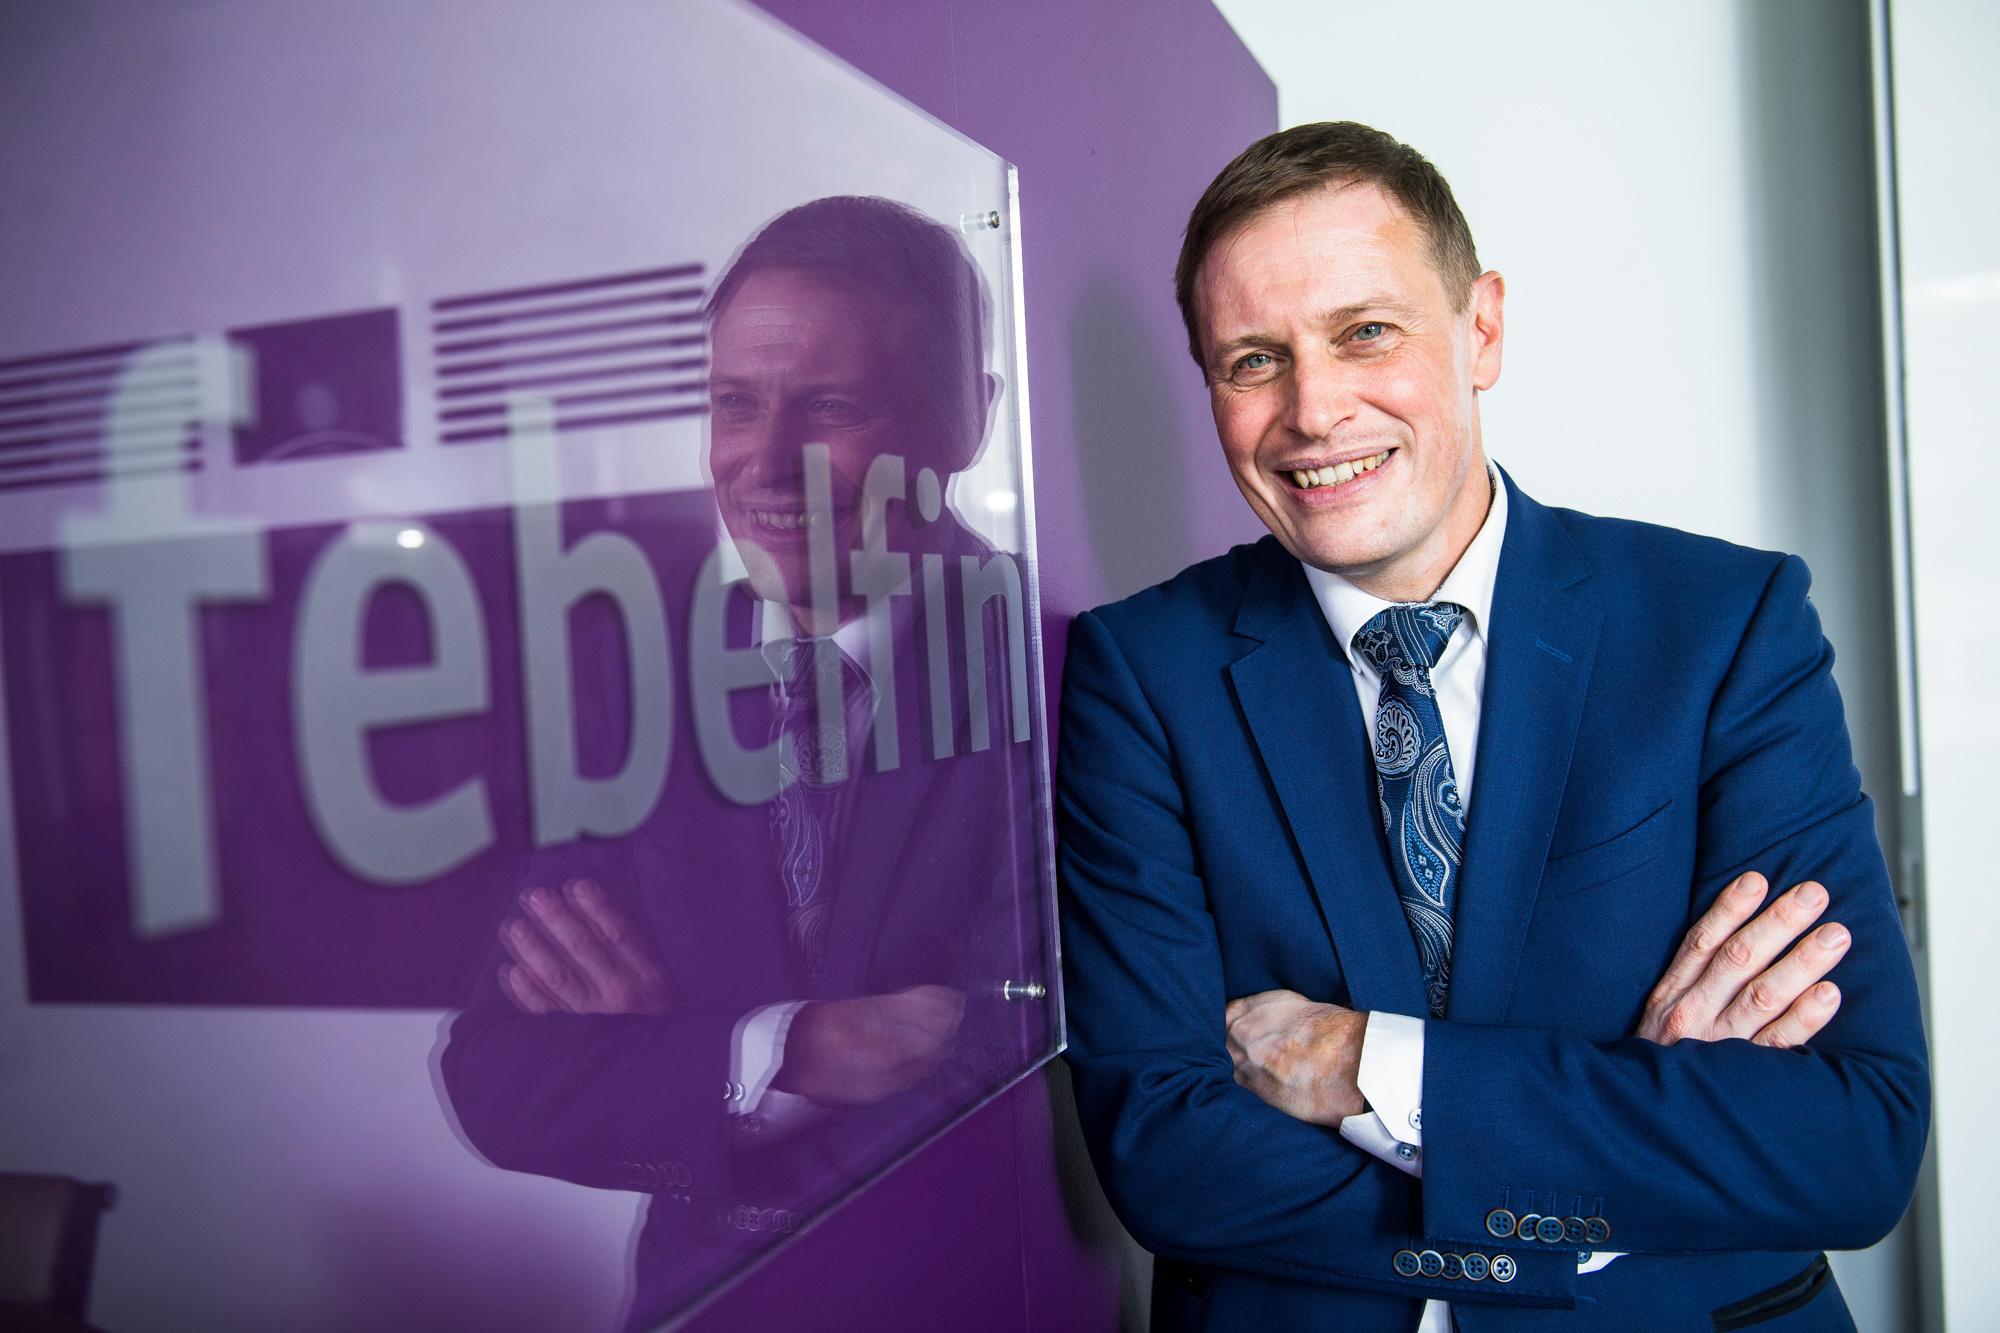 Karel Van Eetvelt quitte Febelfin pour devenir le nouveau CEO d'Anderlecht., belga